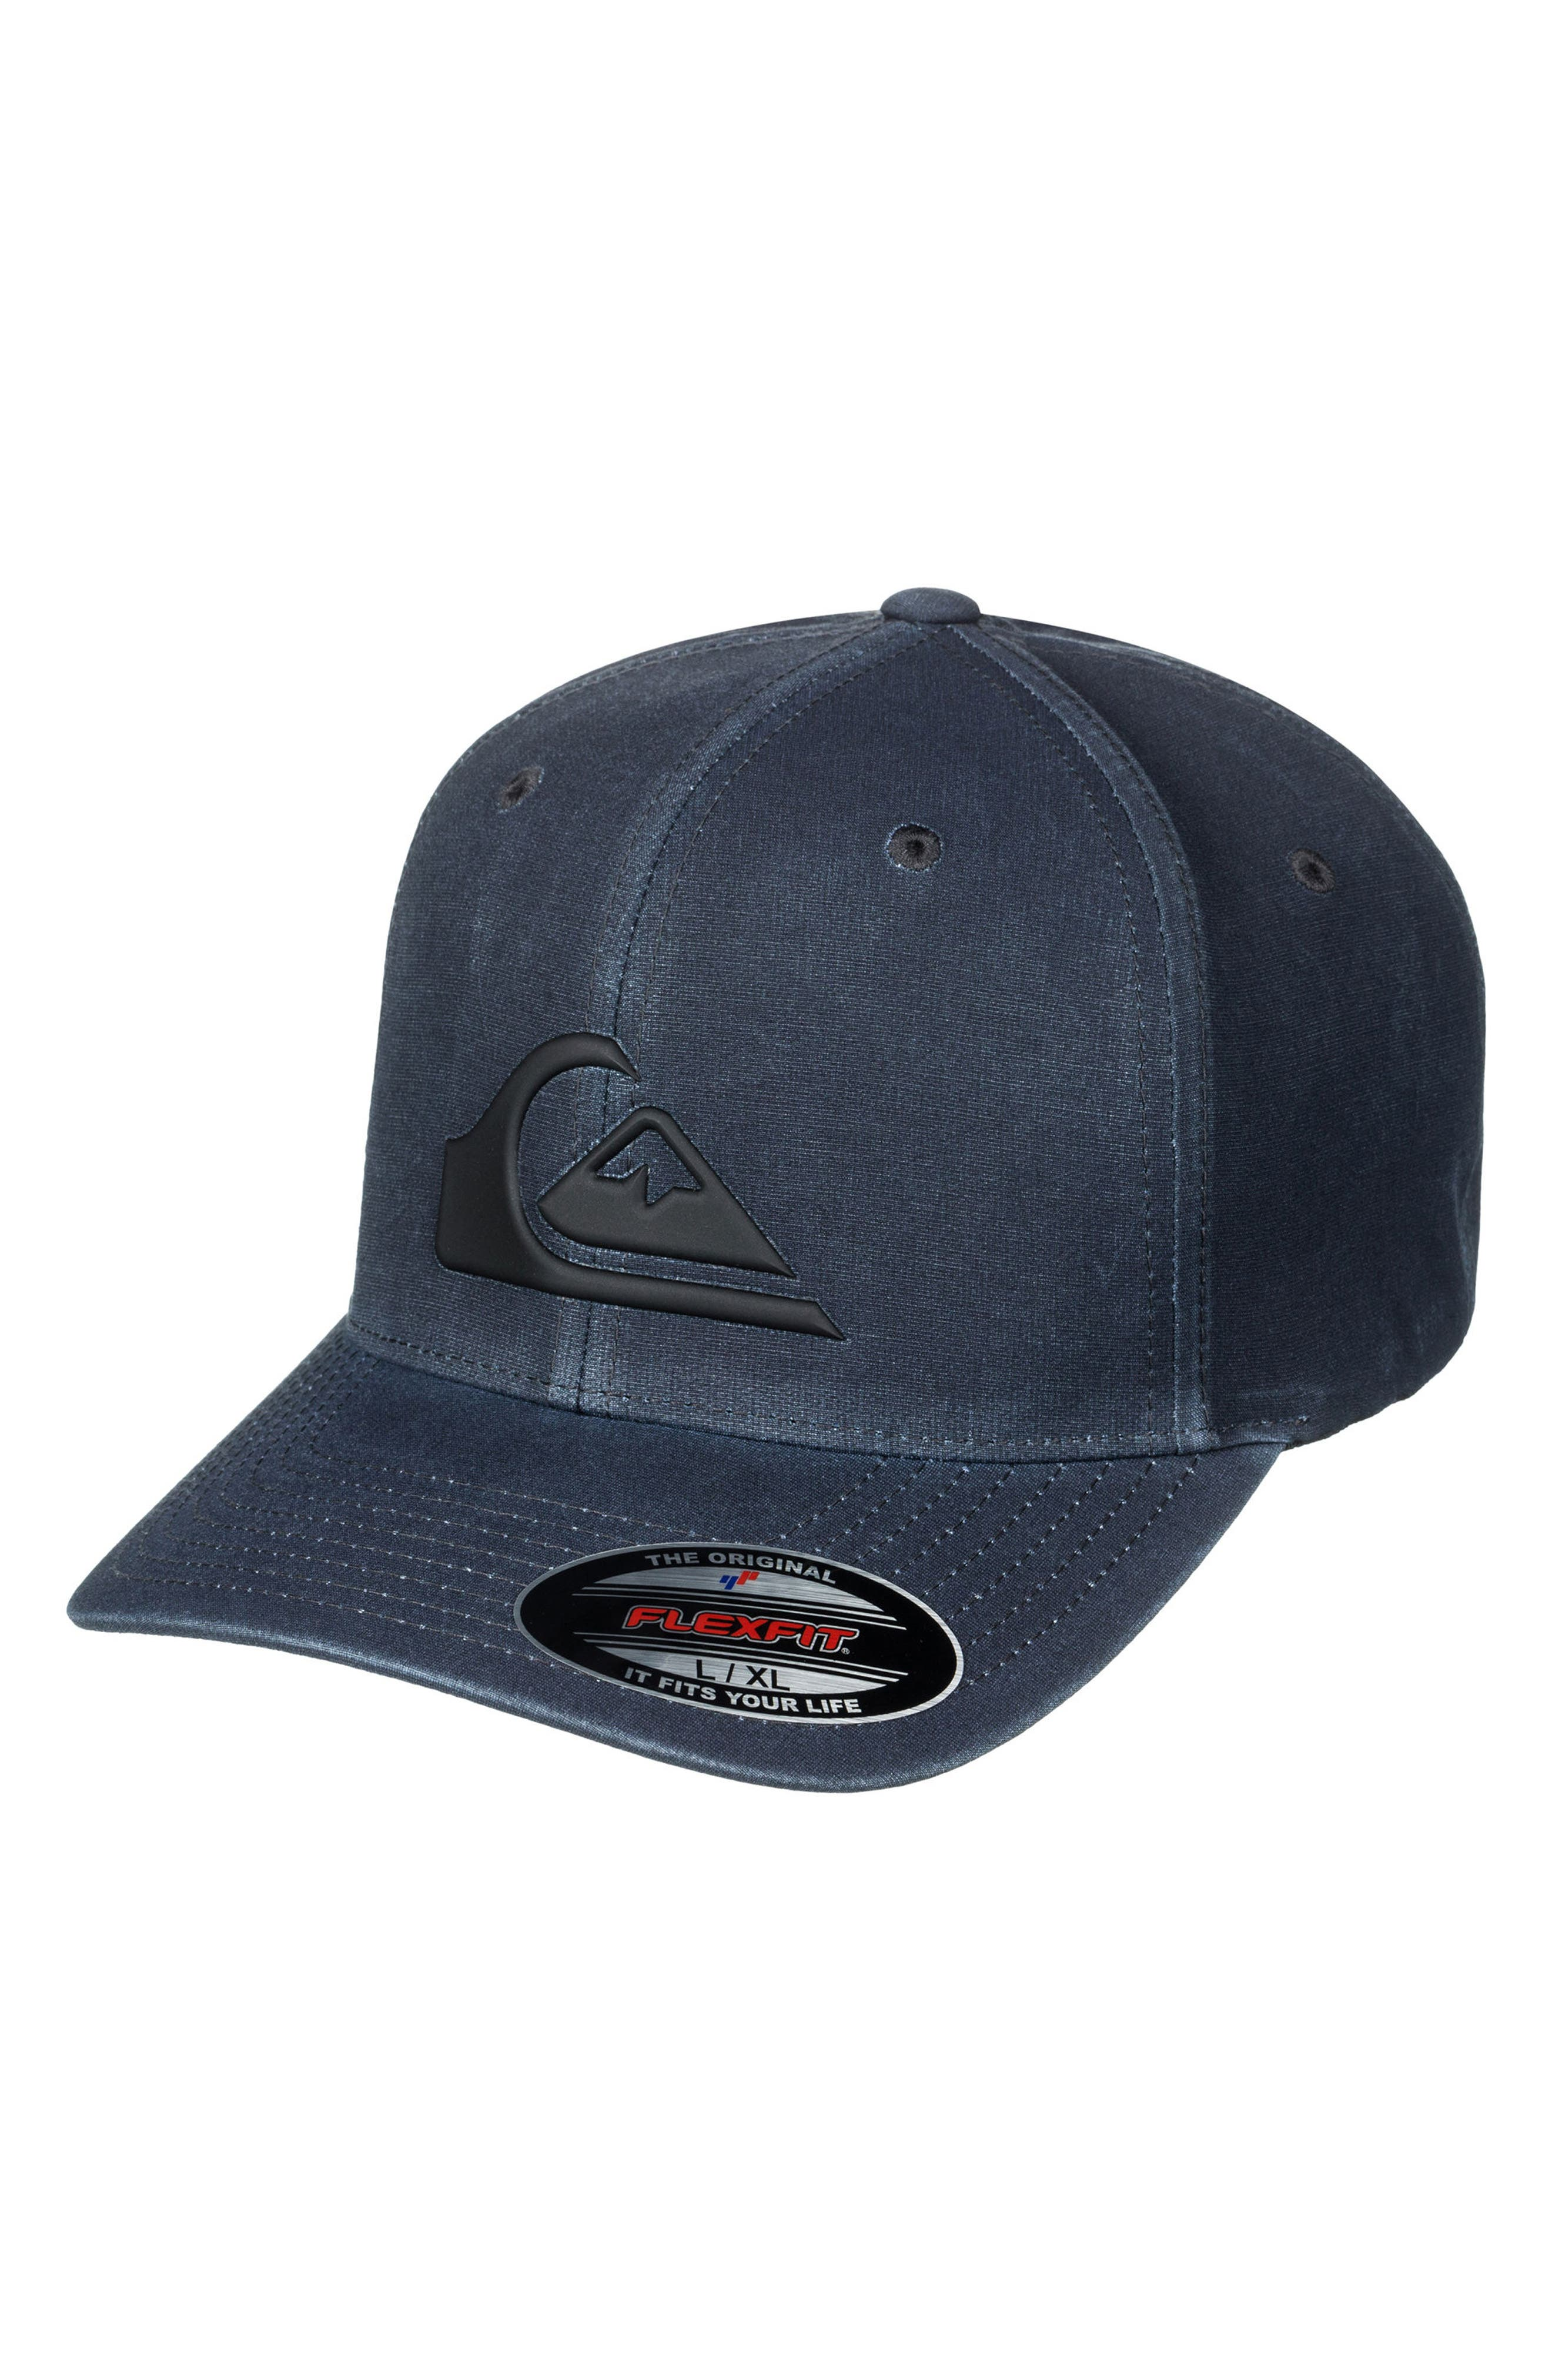 Union Flex Fit Baseball Cap,                         Main,                         color, Black